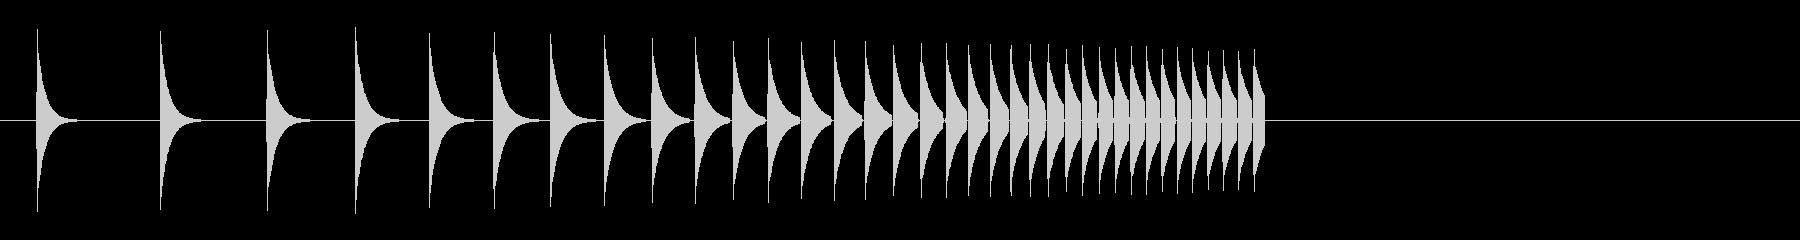 KANTクリックスクロール効果音2082の未再生の波形